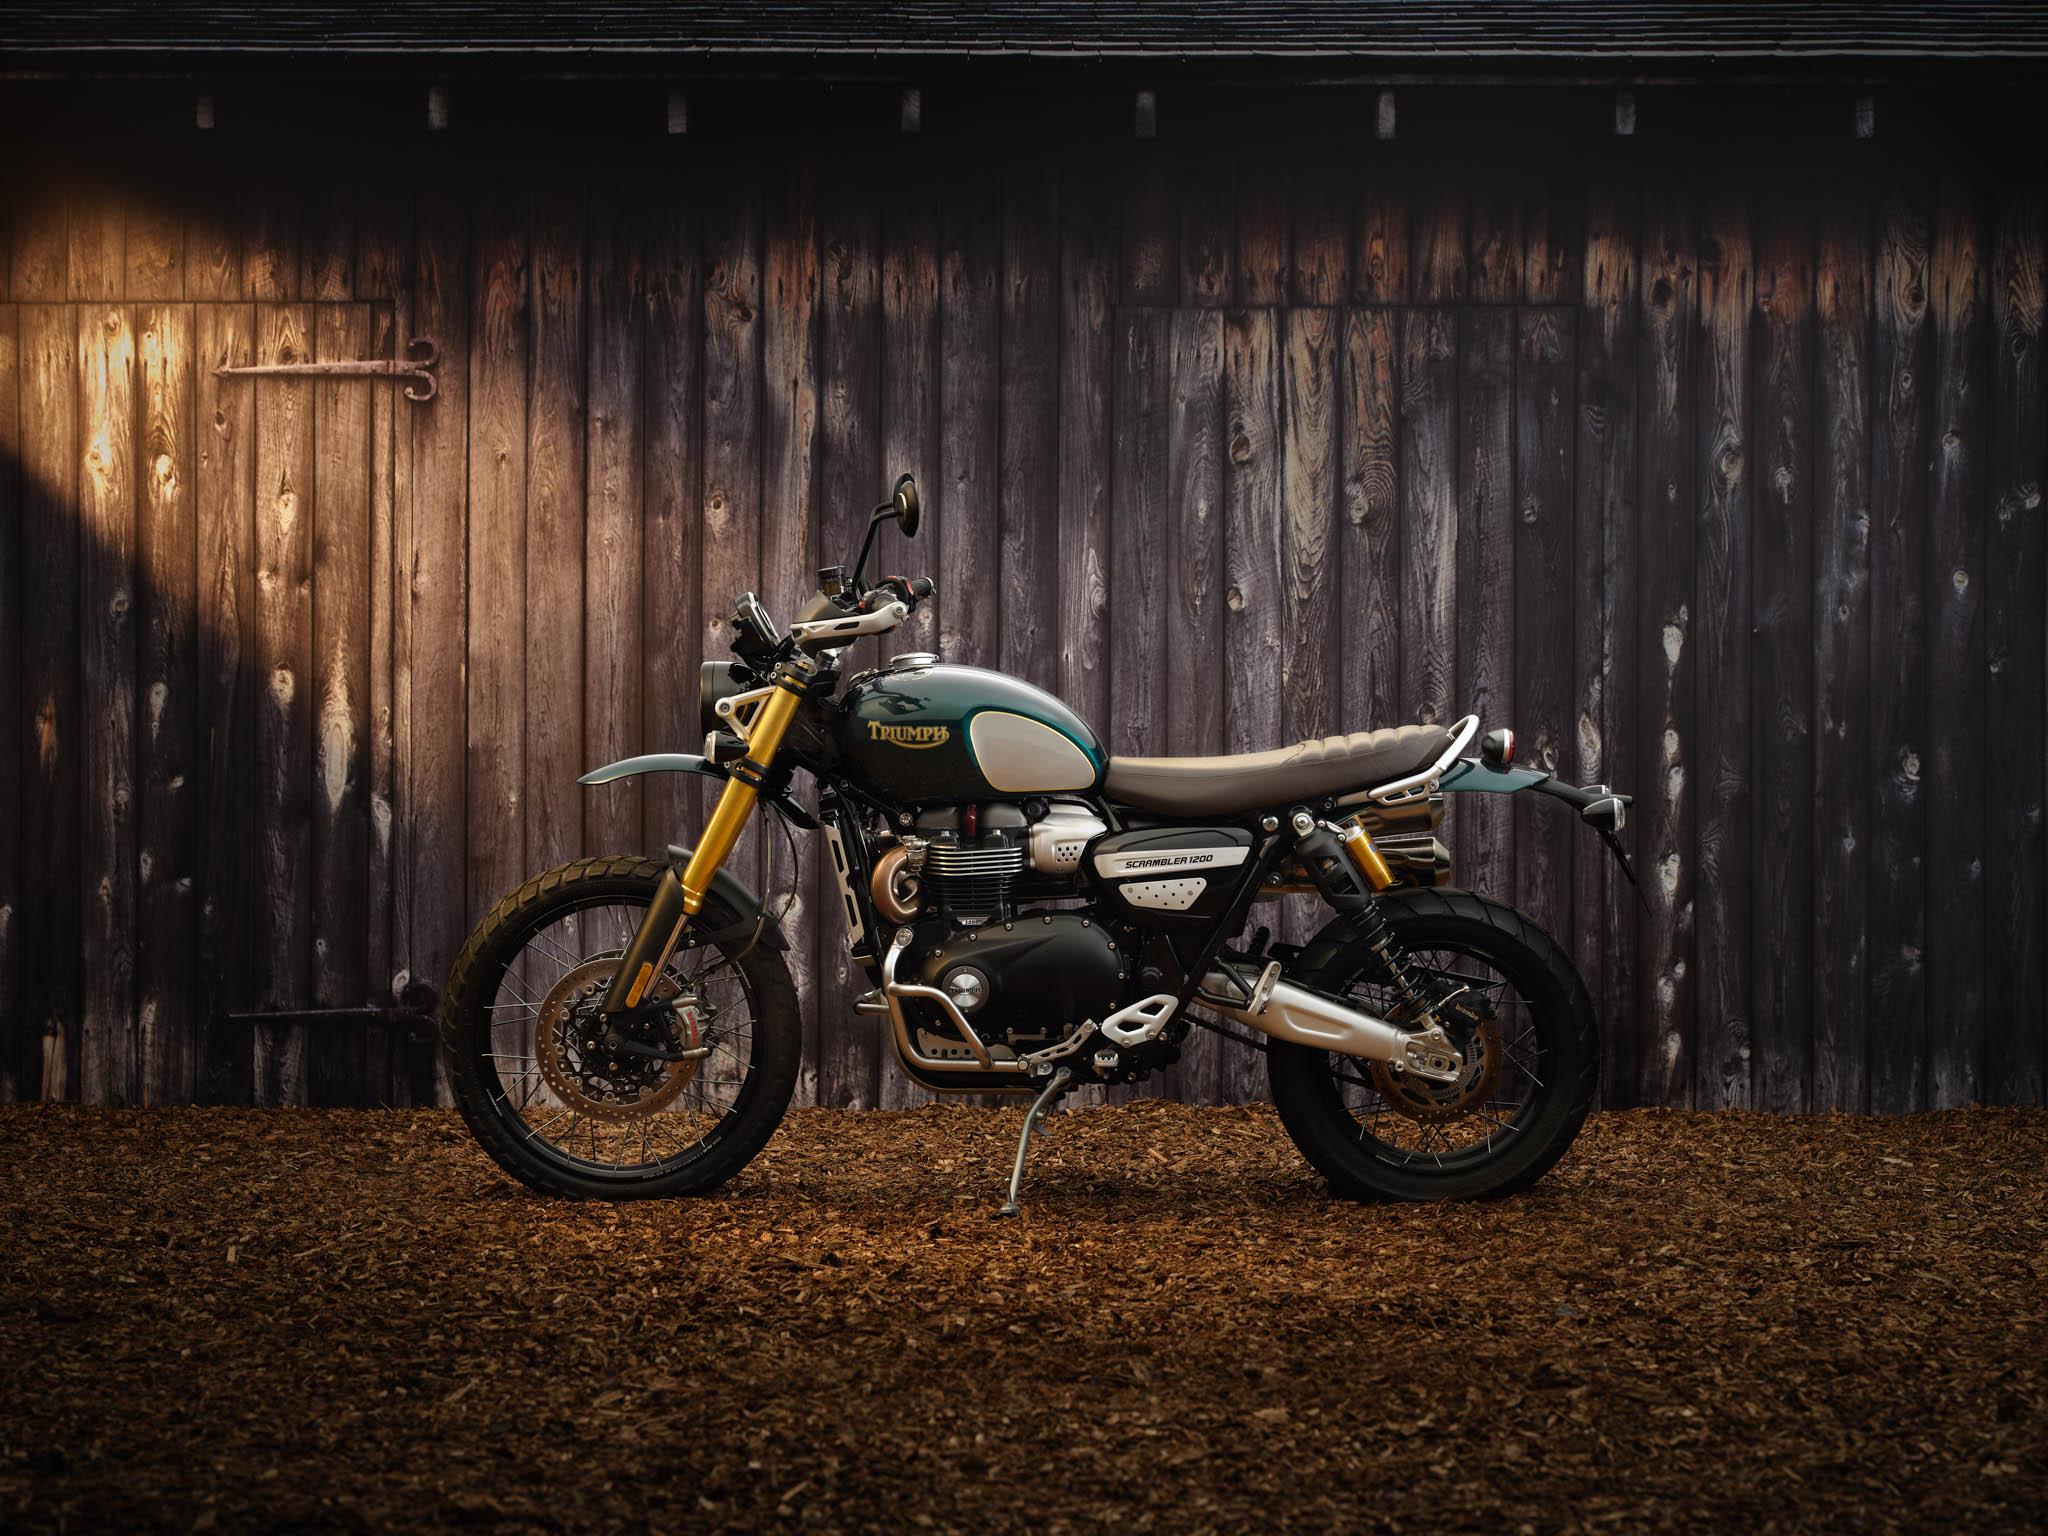 Triumph_Scrambler_1200_Steve_McQueen_2021-2